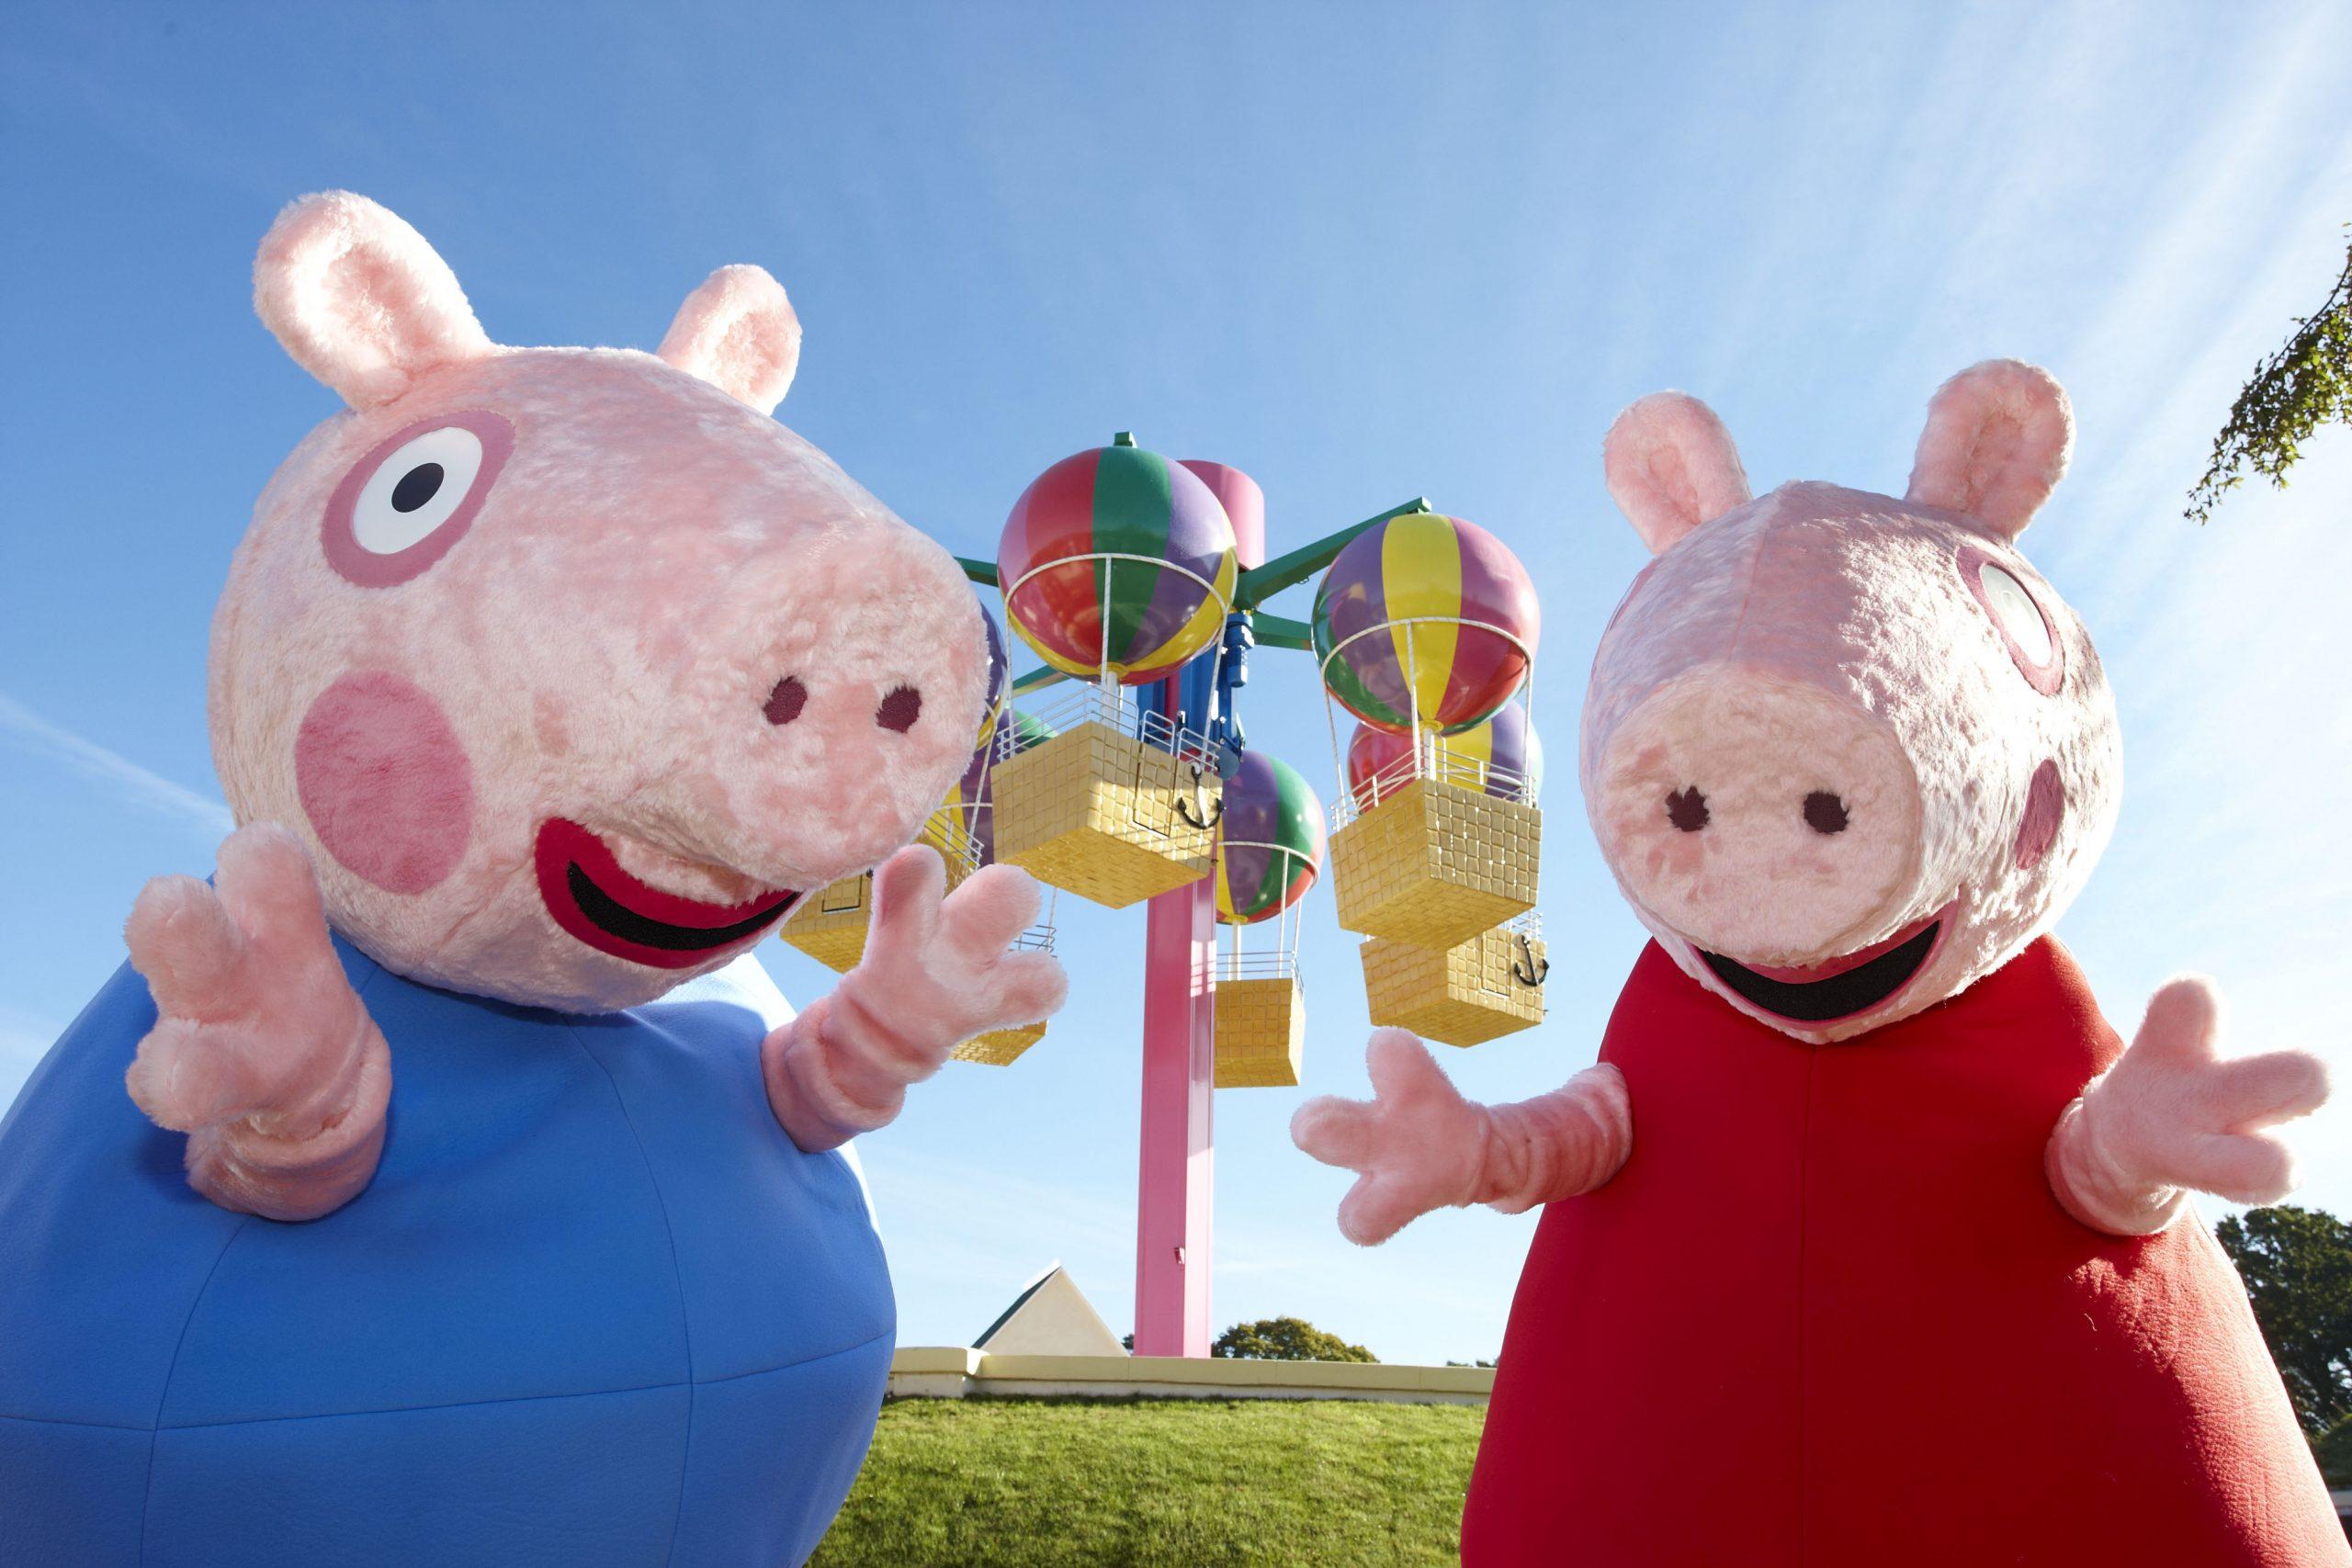 Peppa and George in Peppa Pig World